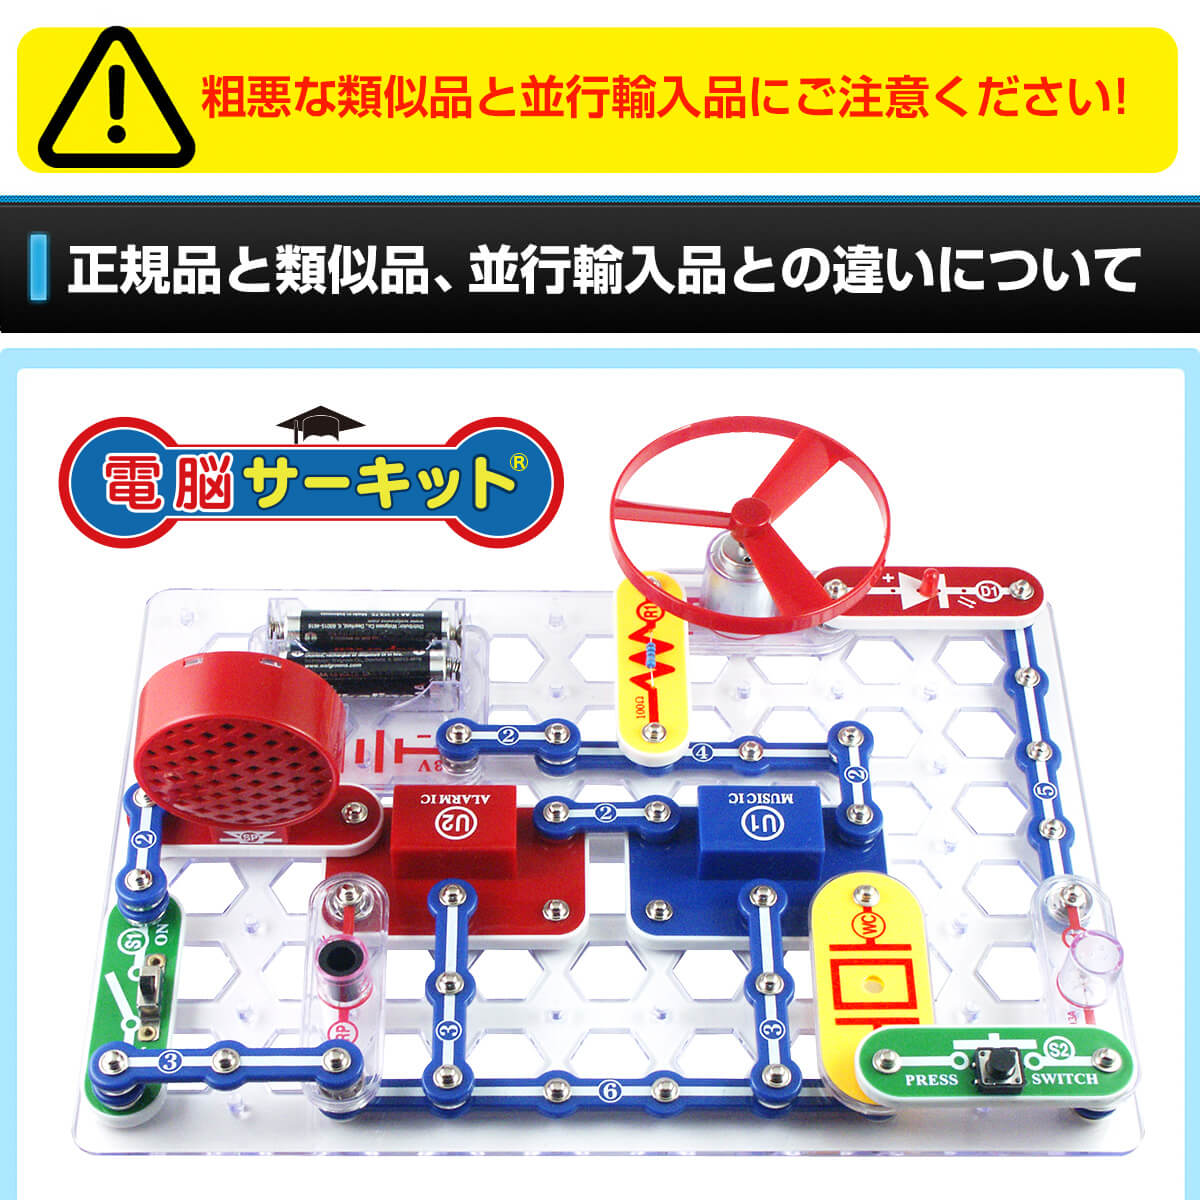 【訳あり 箱潰れ 商品未使用】 知育玩具 おもちゃ 電脳サーキット 300 電子回路が学べる 電子ブロック 子供 電子玩具 科学 実験 回路パズル